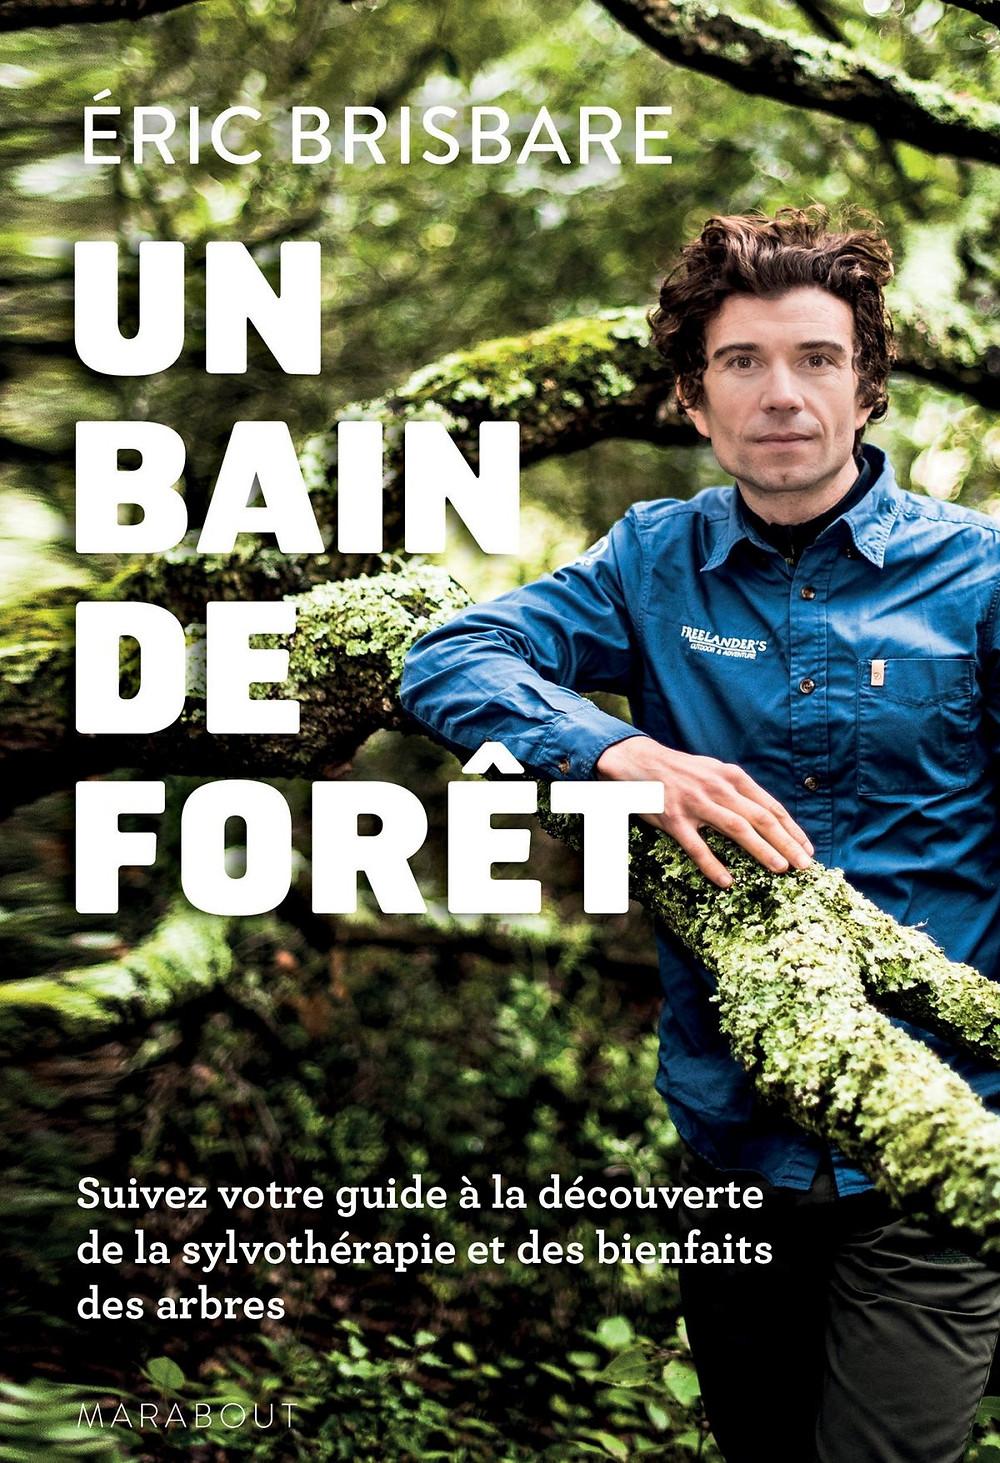 « Suivez votre guide à la découverte de la sylvothérapie et des bienfaits des arbres. »